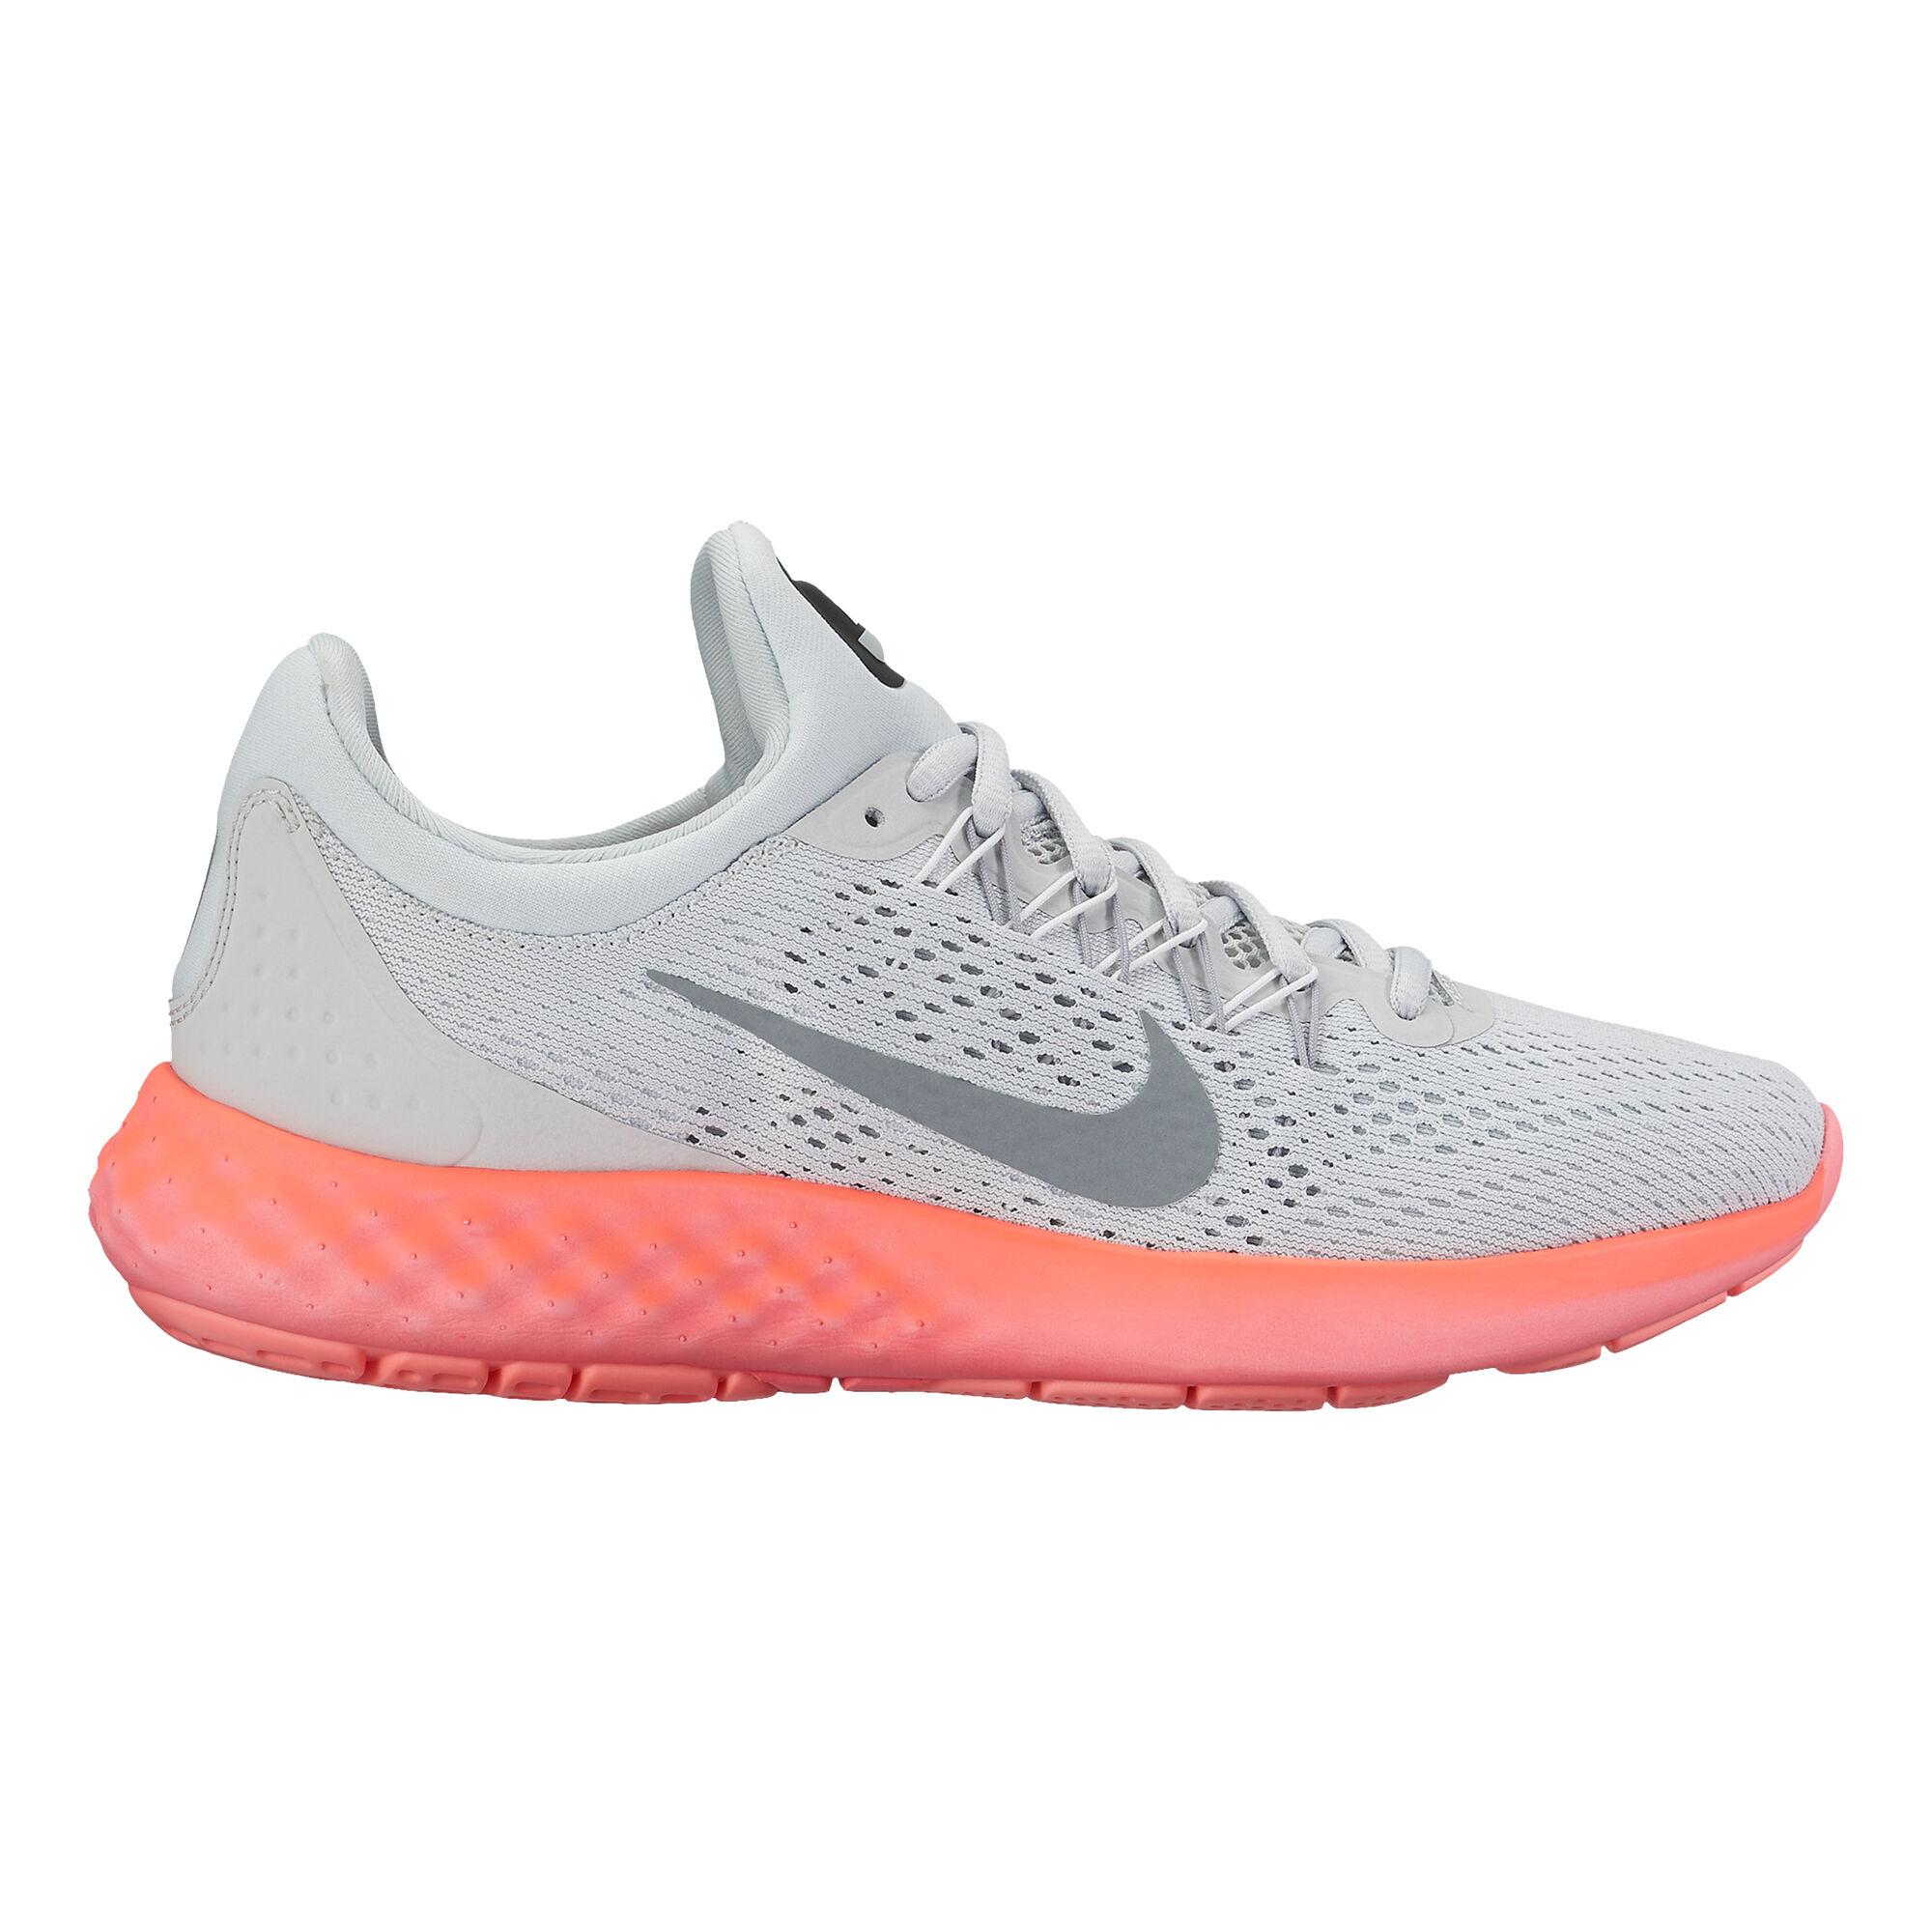 87c04e360d4fe buy Nike Lunar Skyelux Neutral Running Shoe Women - White